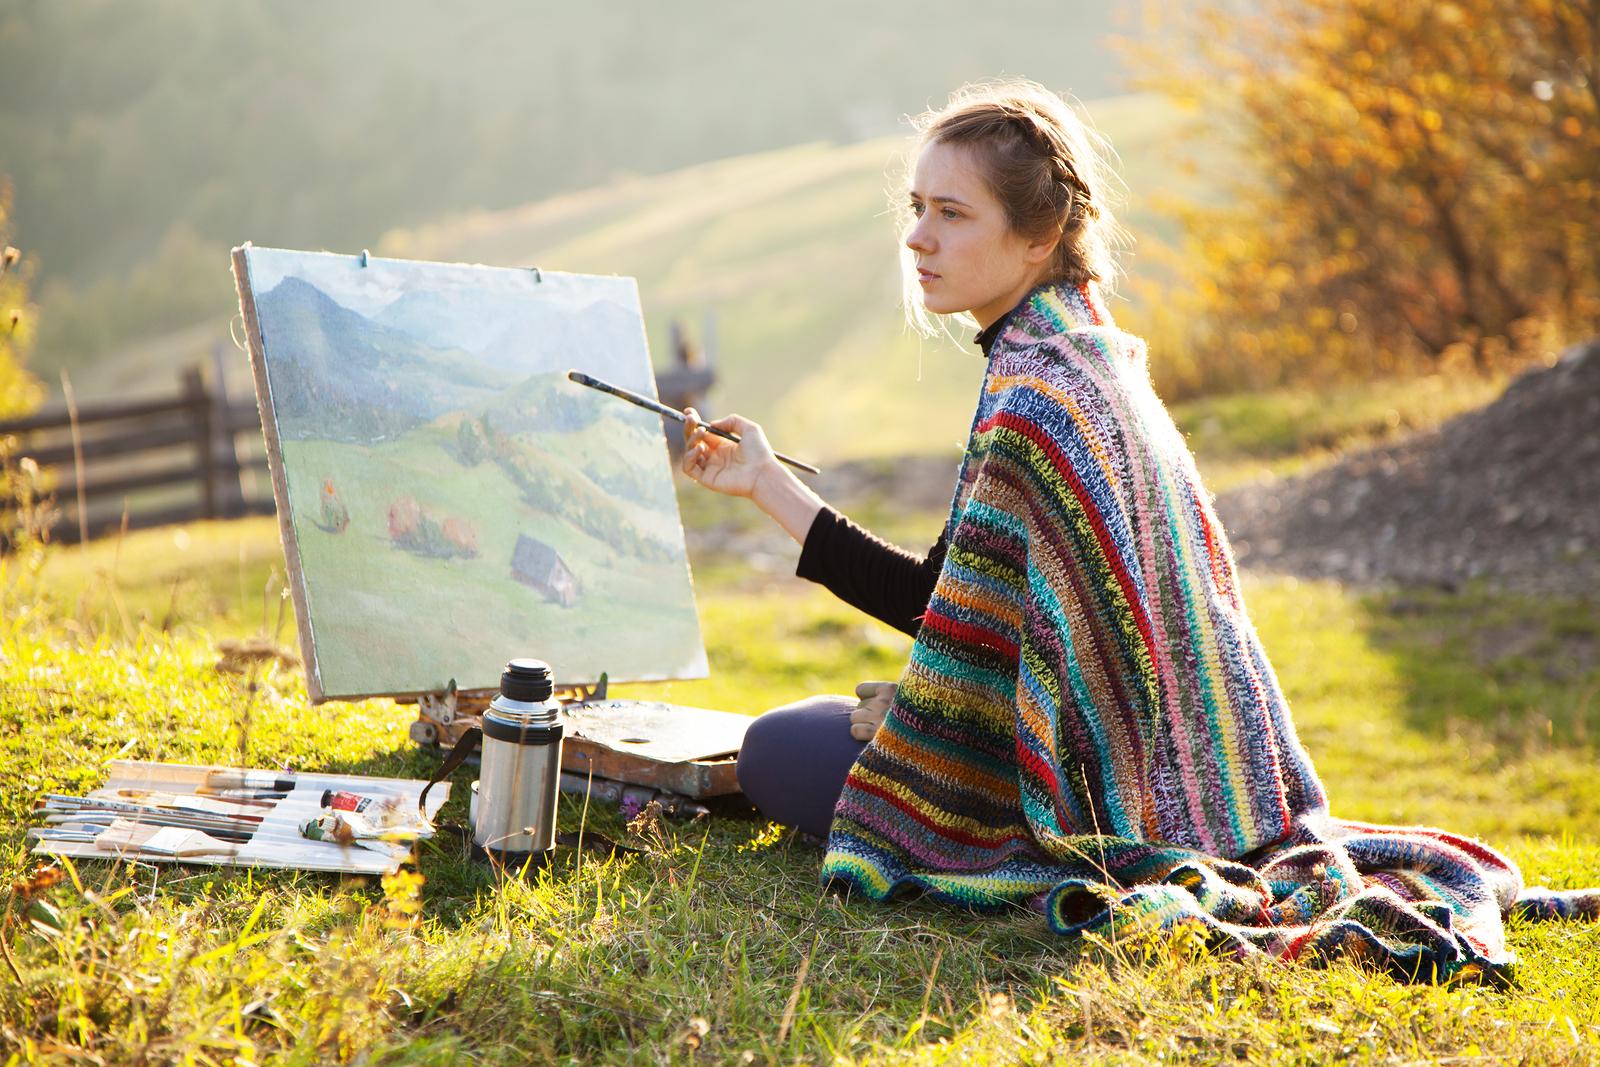 artist-painting-autumn-scene-1